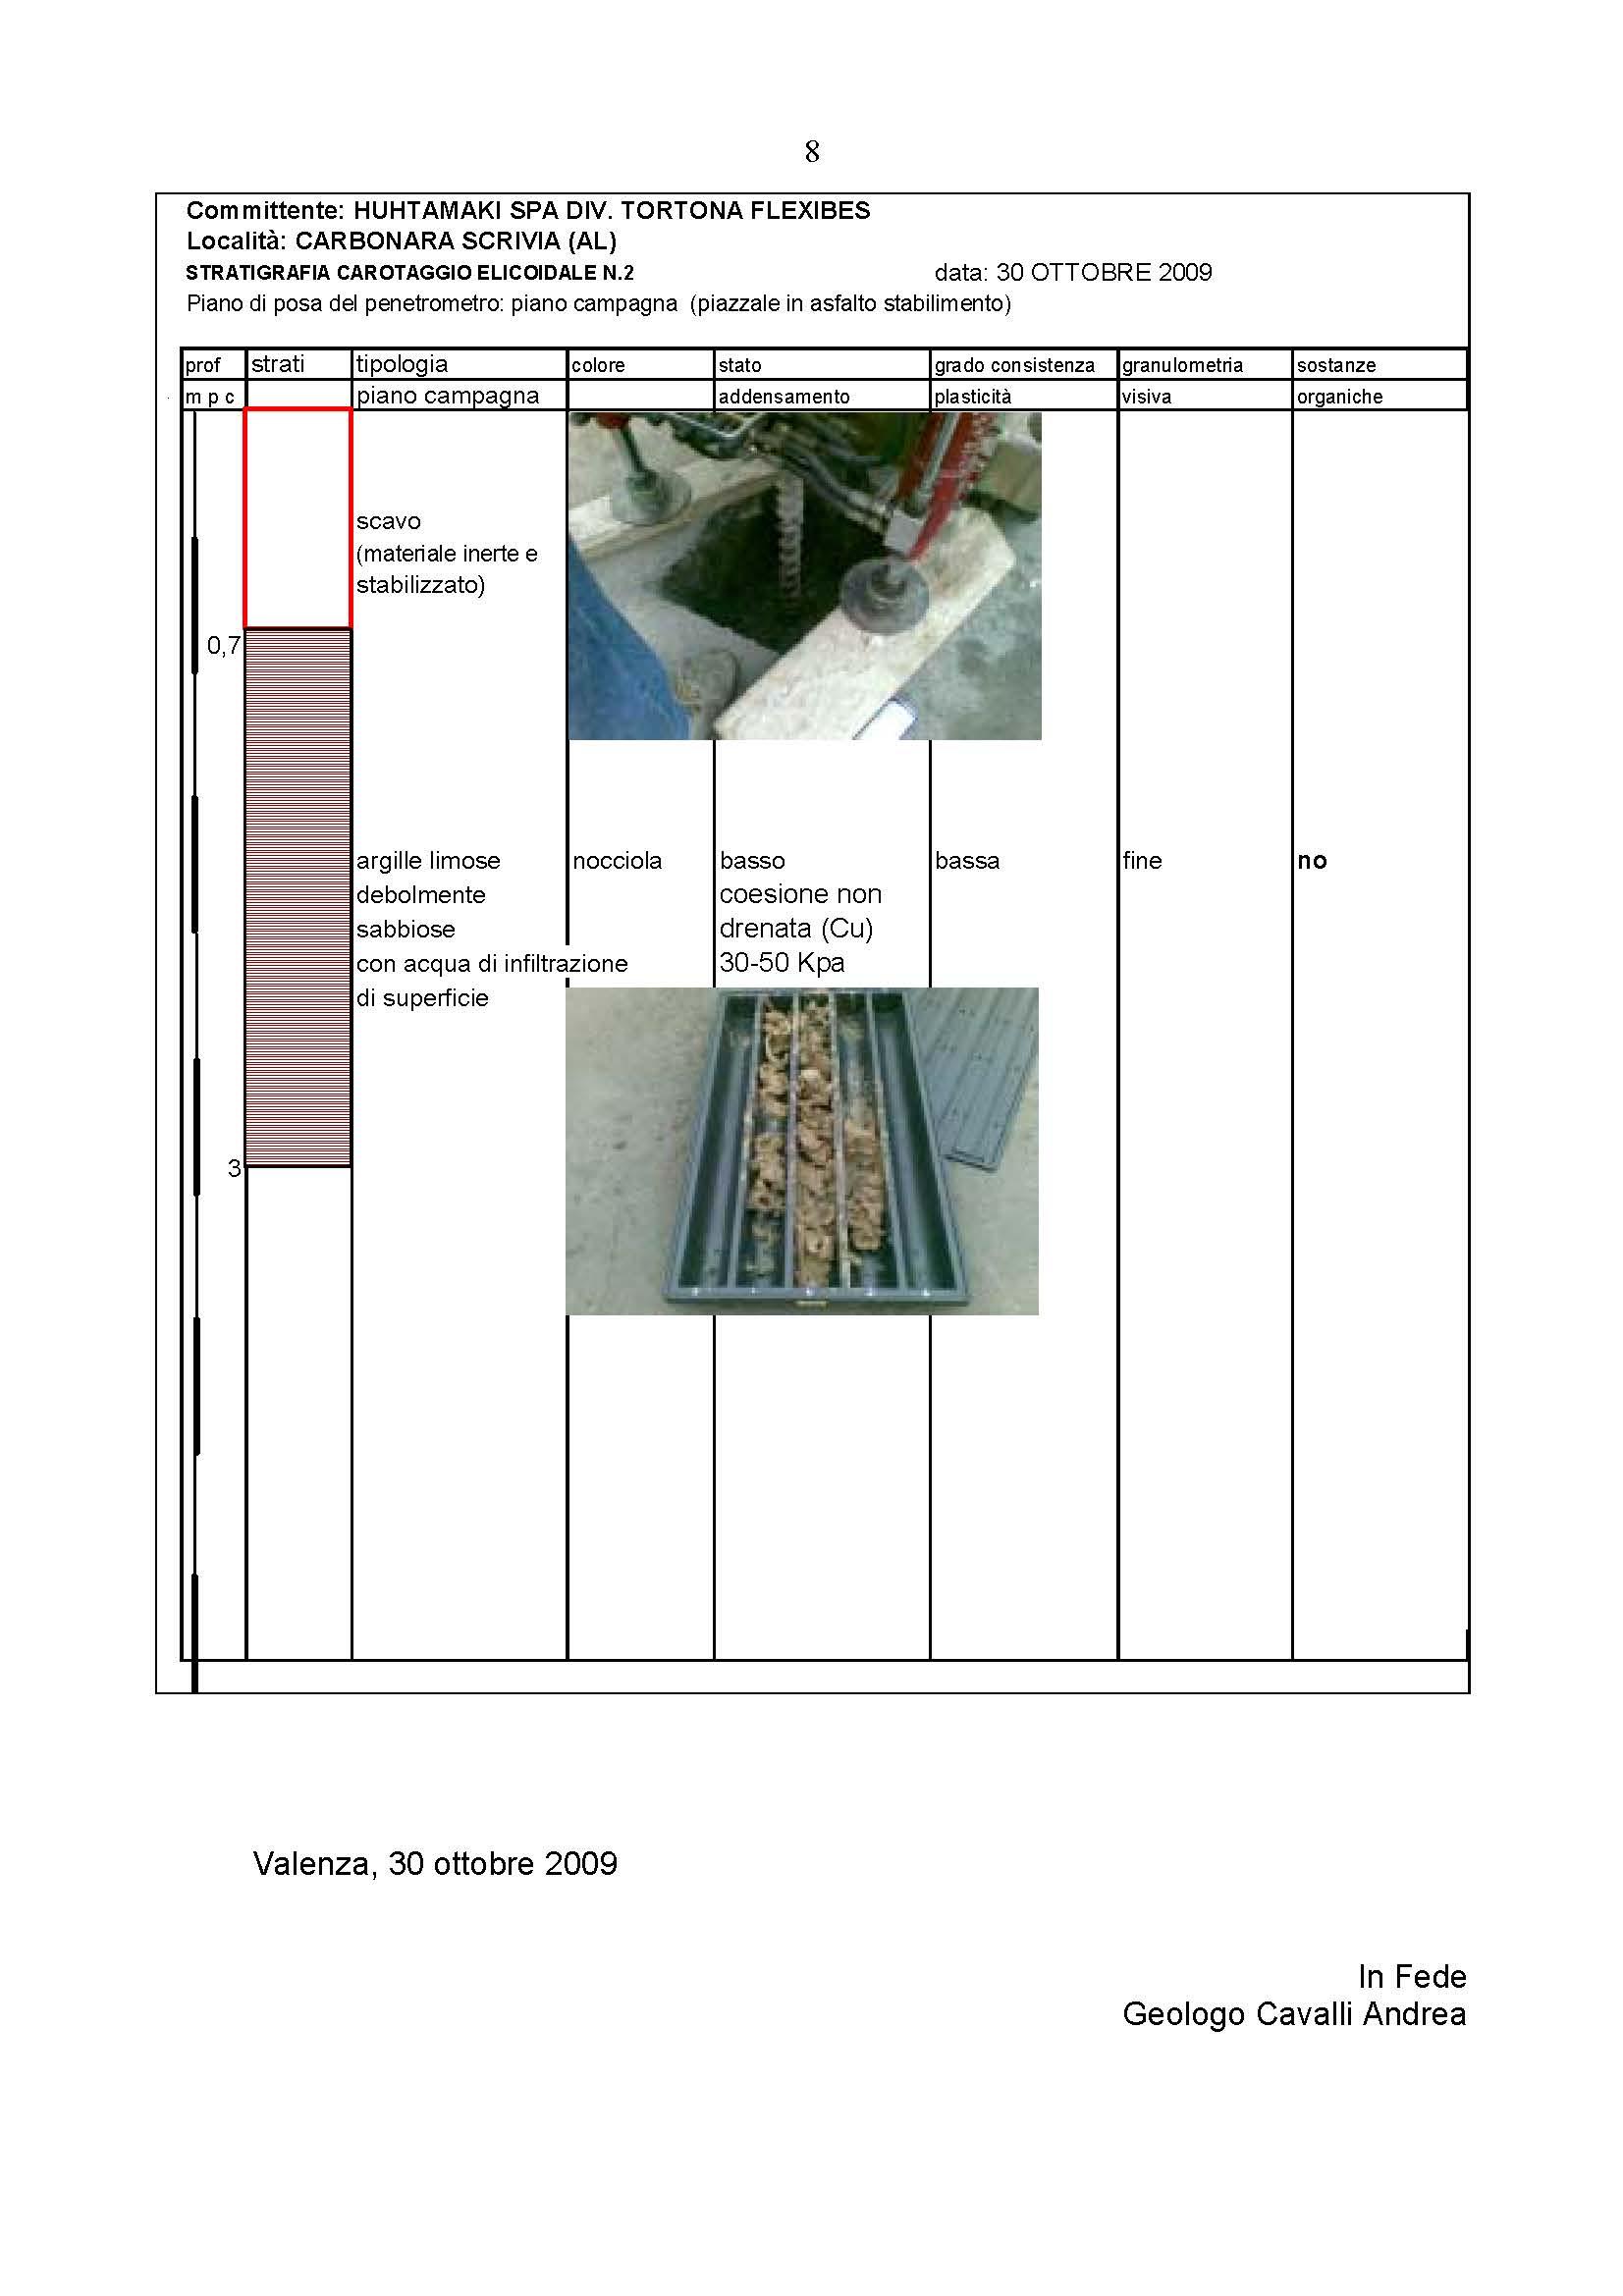 Estrazione di campioni di terreno per analisi chimiche for Utensili per prelevare campioni di terreno